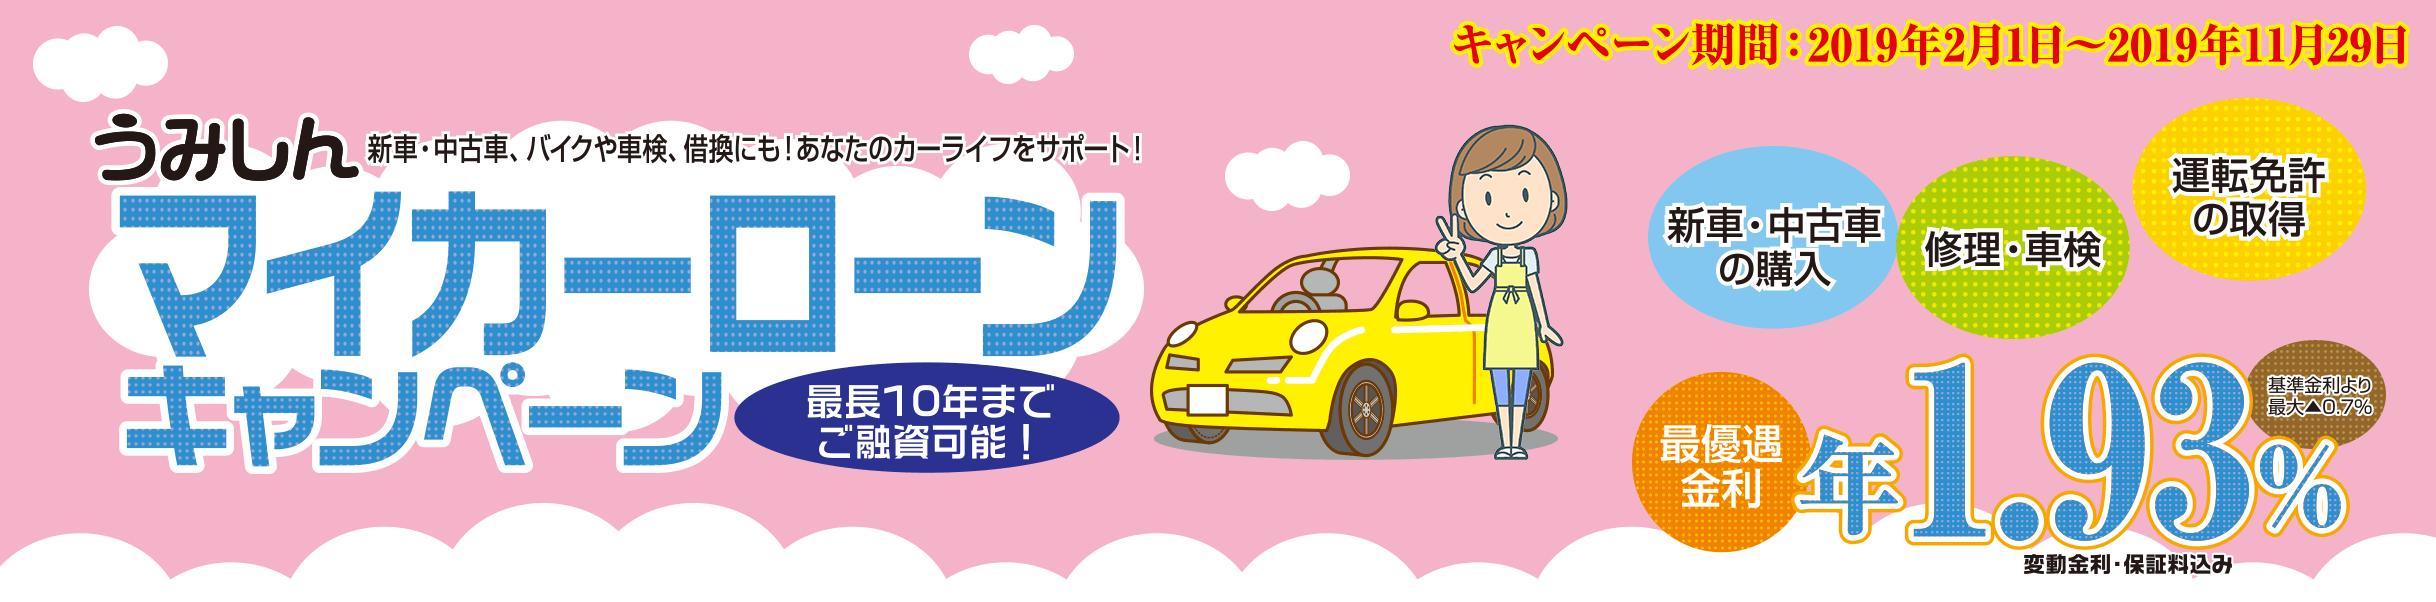 うみしんマイカーローンキャンペーン